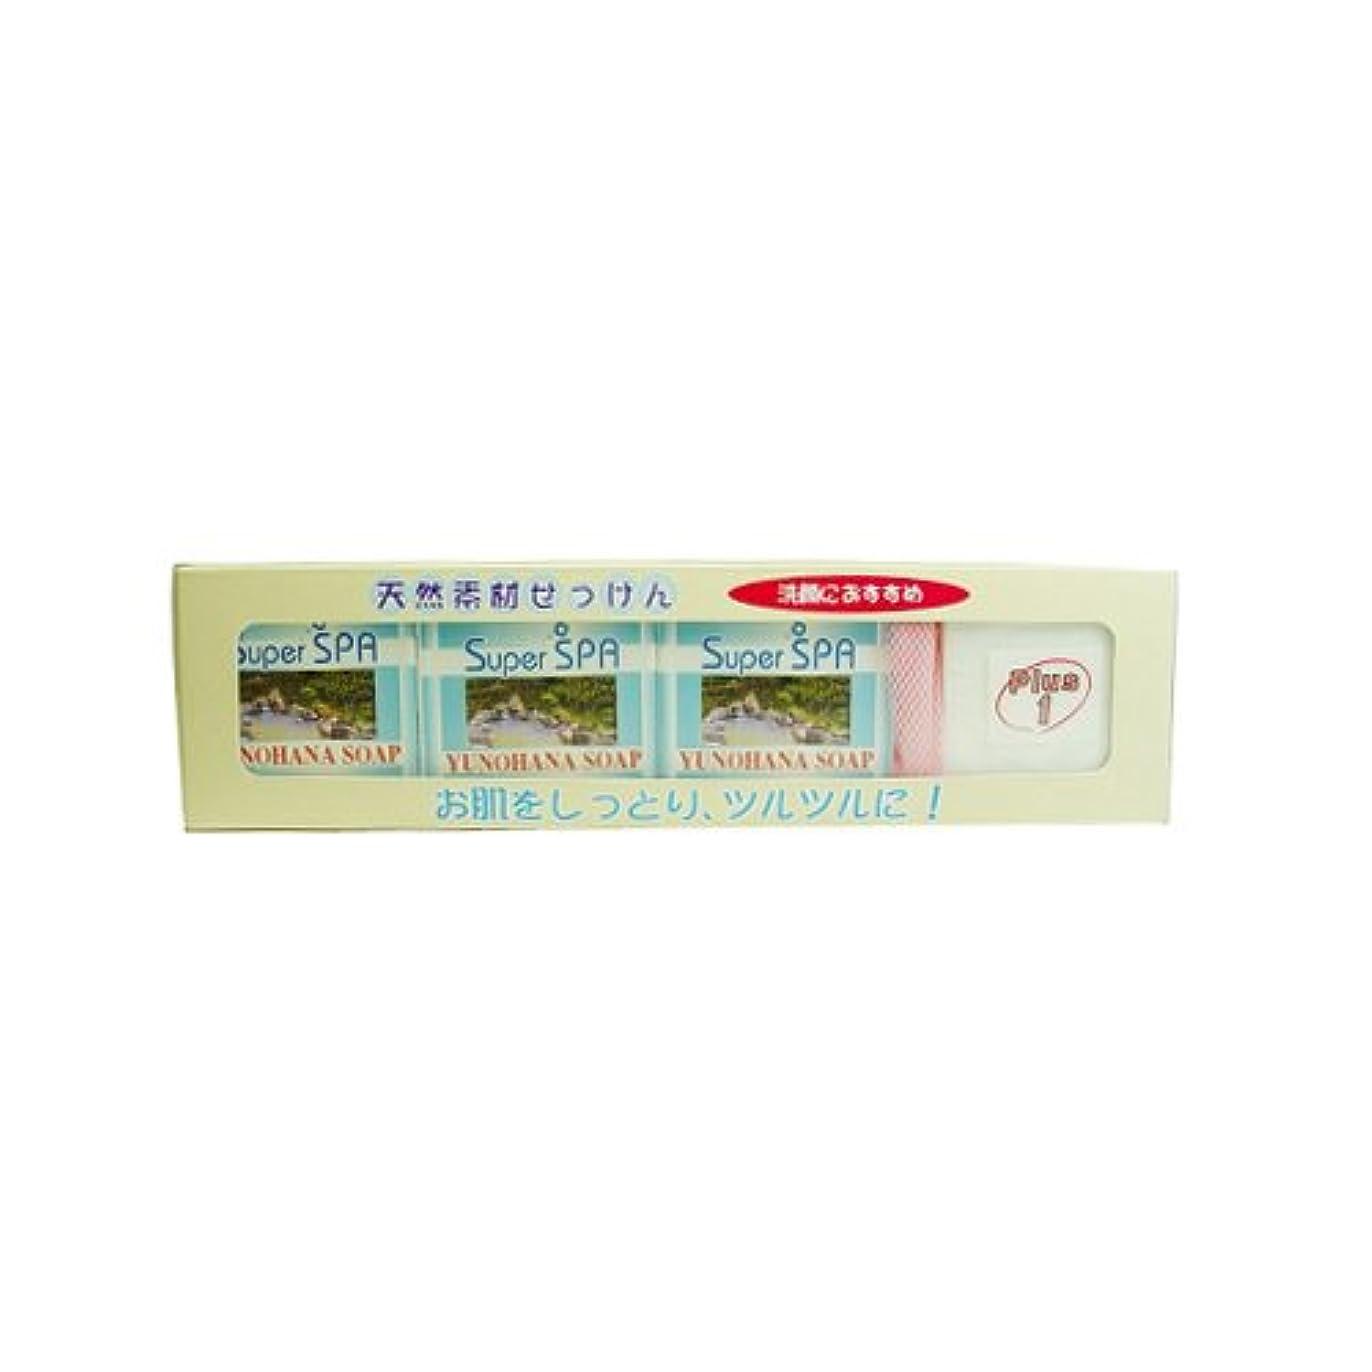 アジャ置換におい湯の花石鹸(天然素材石鹸)‐KH212283